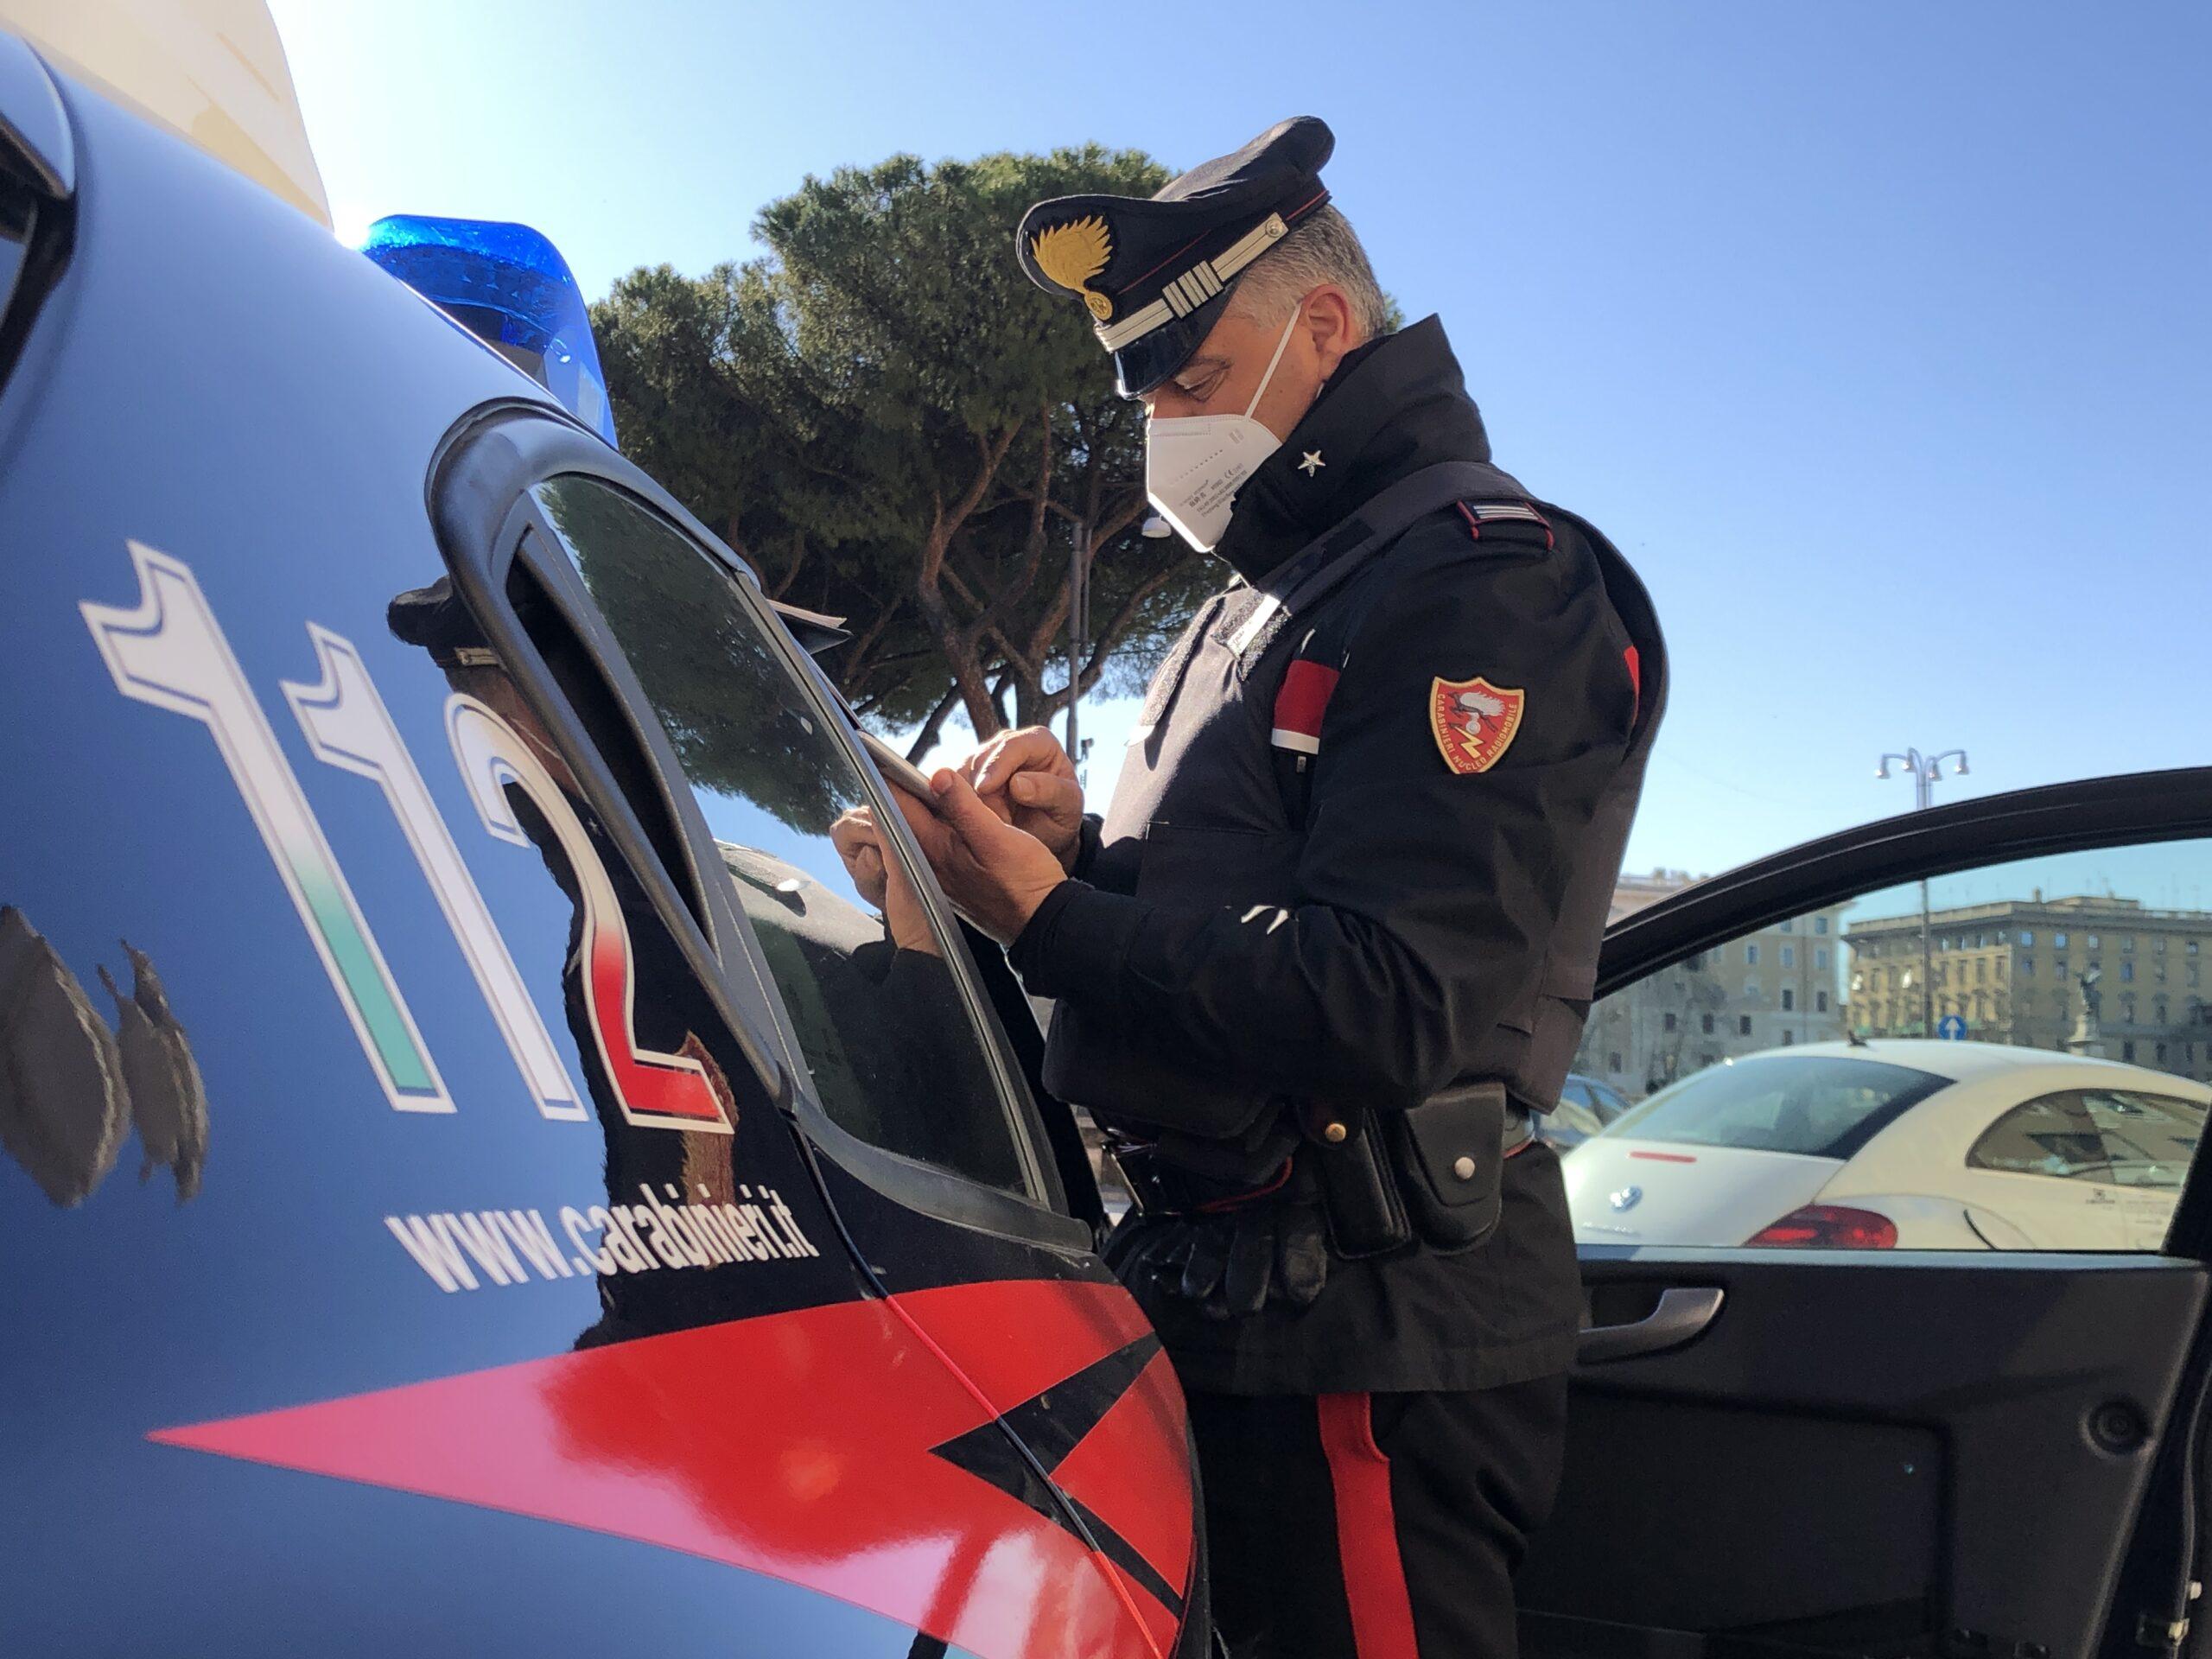 Punta pistola verso Carabinieri che lo arrestano.